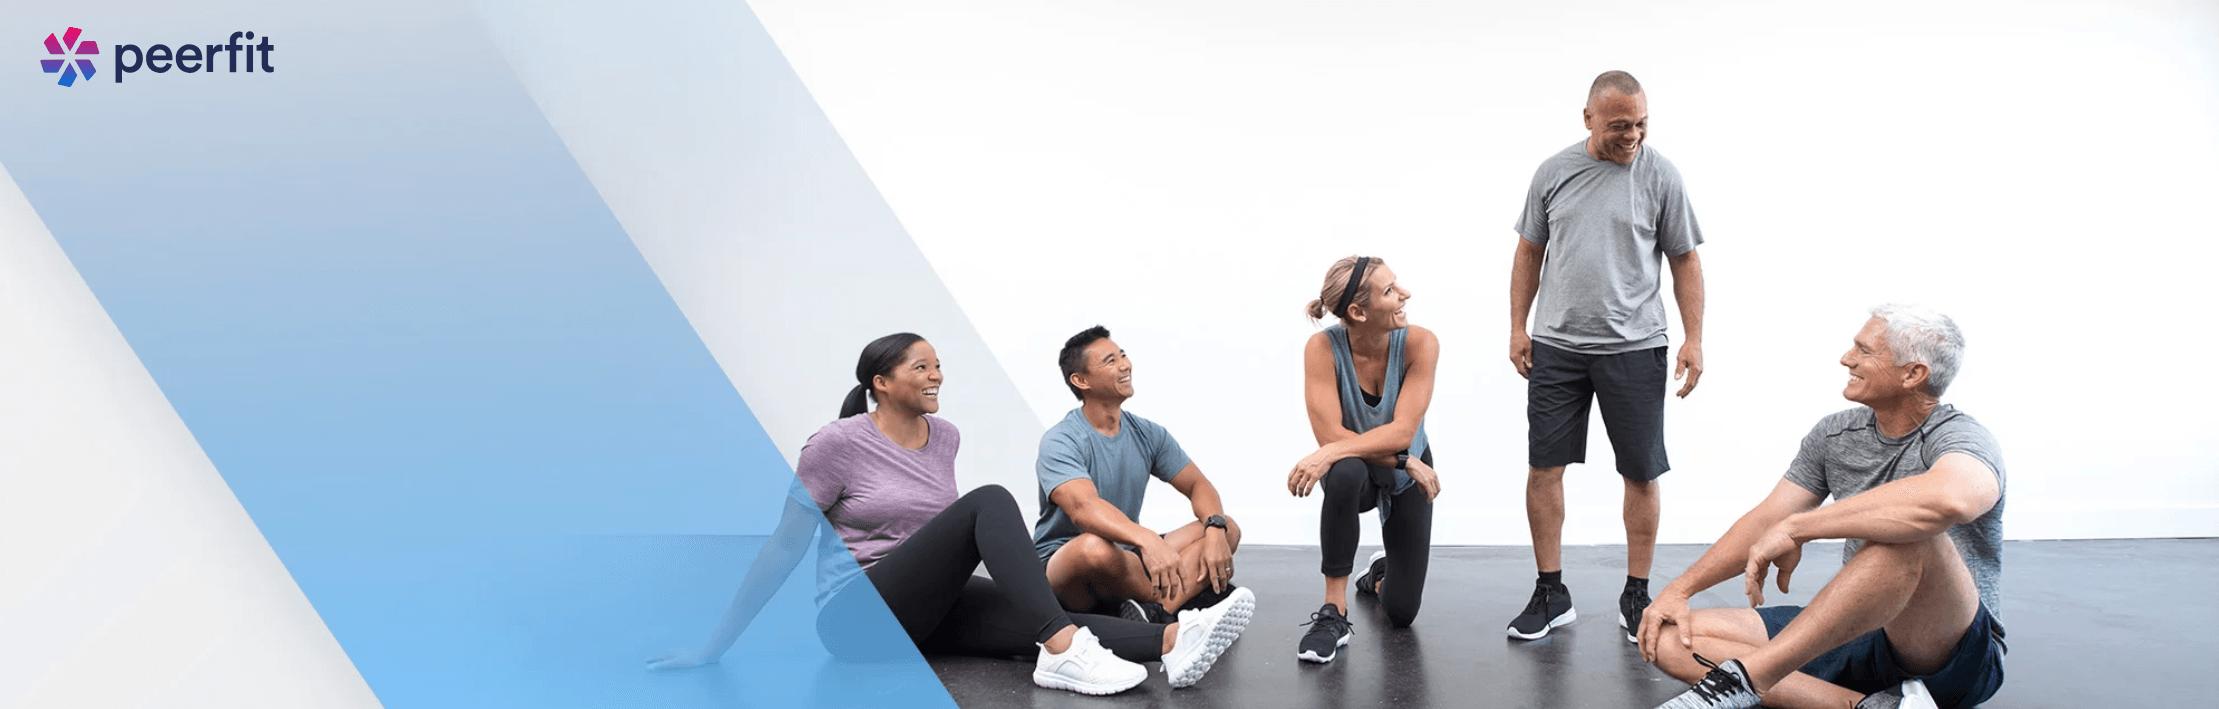 Peerfit Lands $18M to Redefine Corporate Wellness